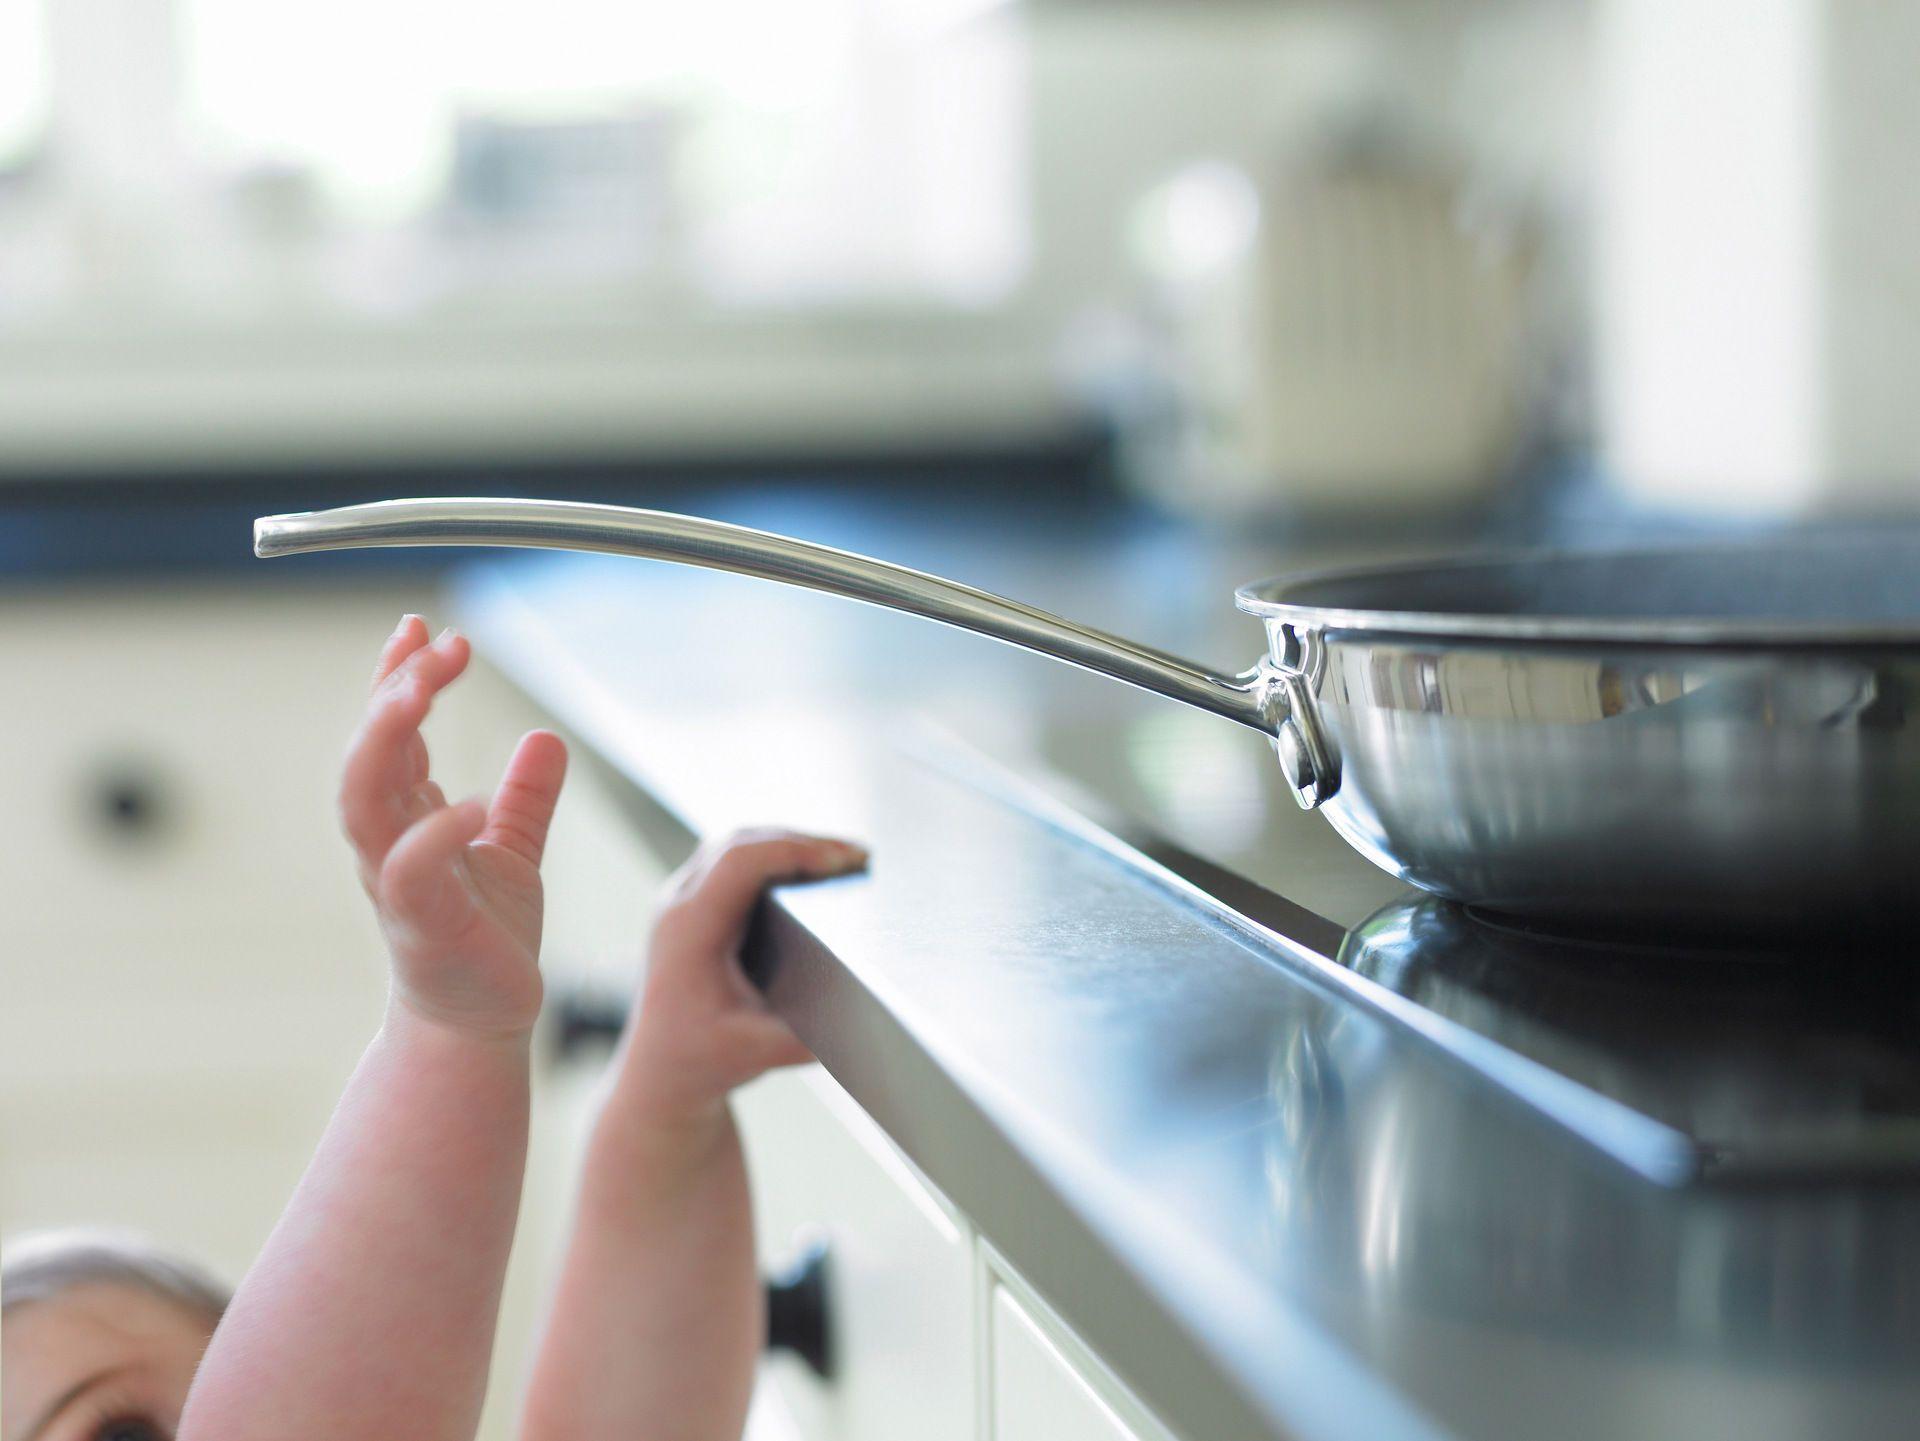 Herdschutzgitter Baby Küche u Sicherheit u Schutz vor Kinder